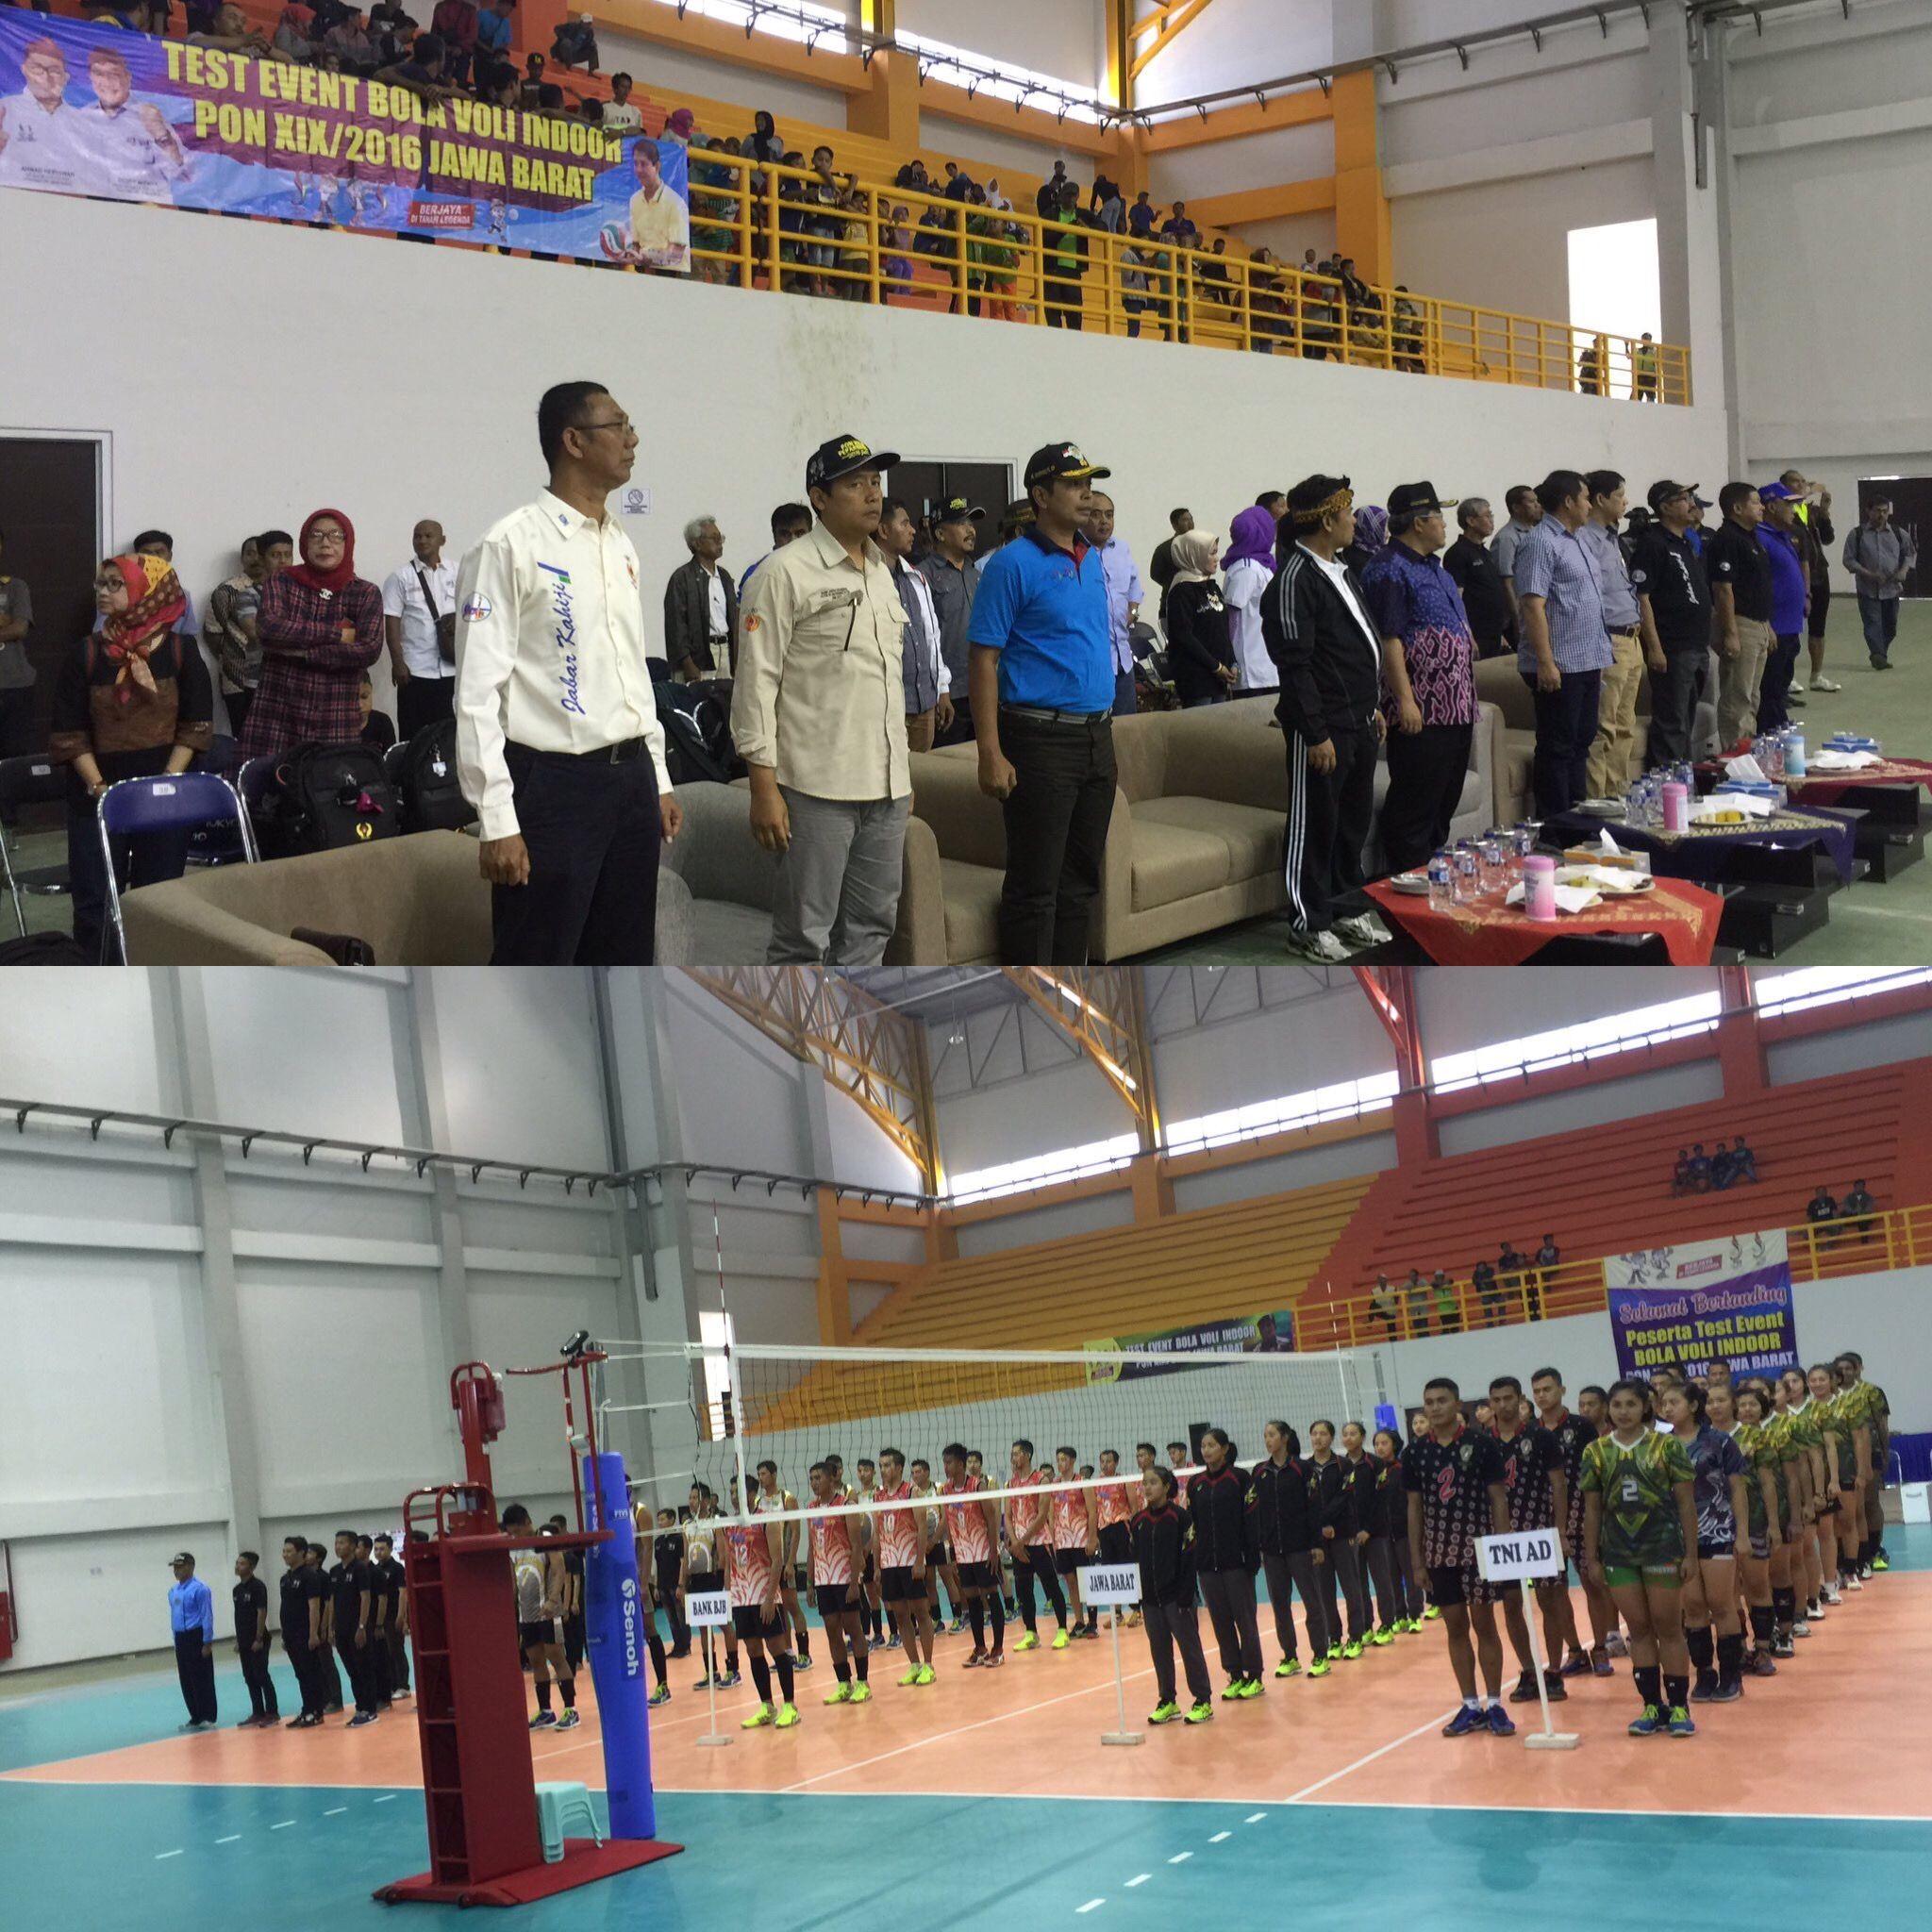 ... PON Peparnas 2016 Jawa Barat. Hari ini test event bola voli indoor di  GSG Si Jalak Harupat bersama Pak Ahmad Heryawan 844eb96f5c